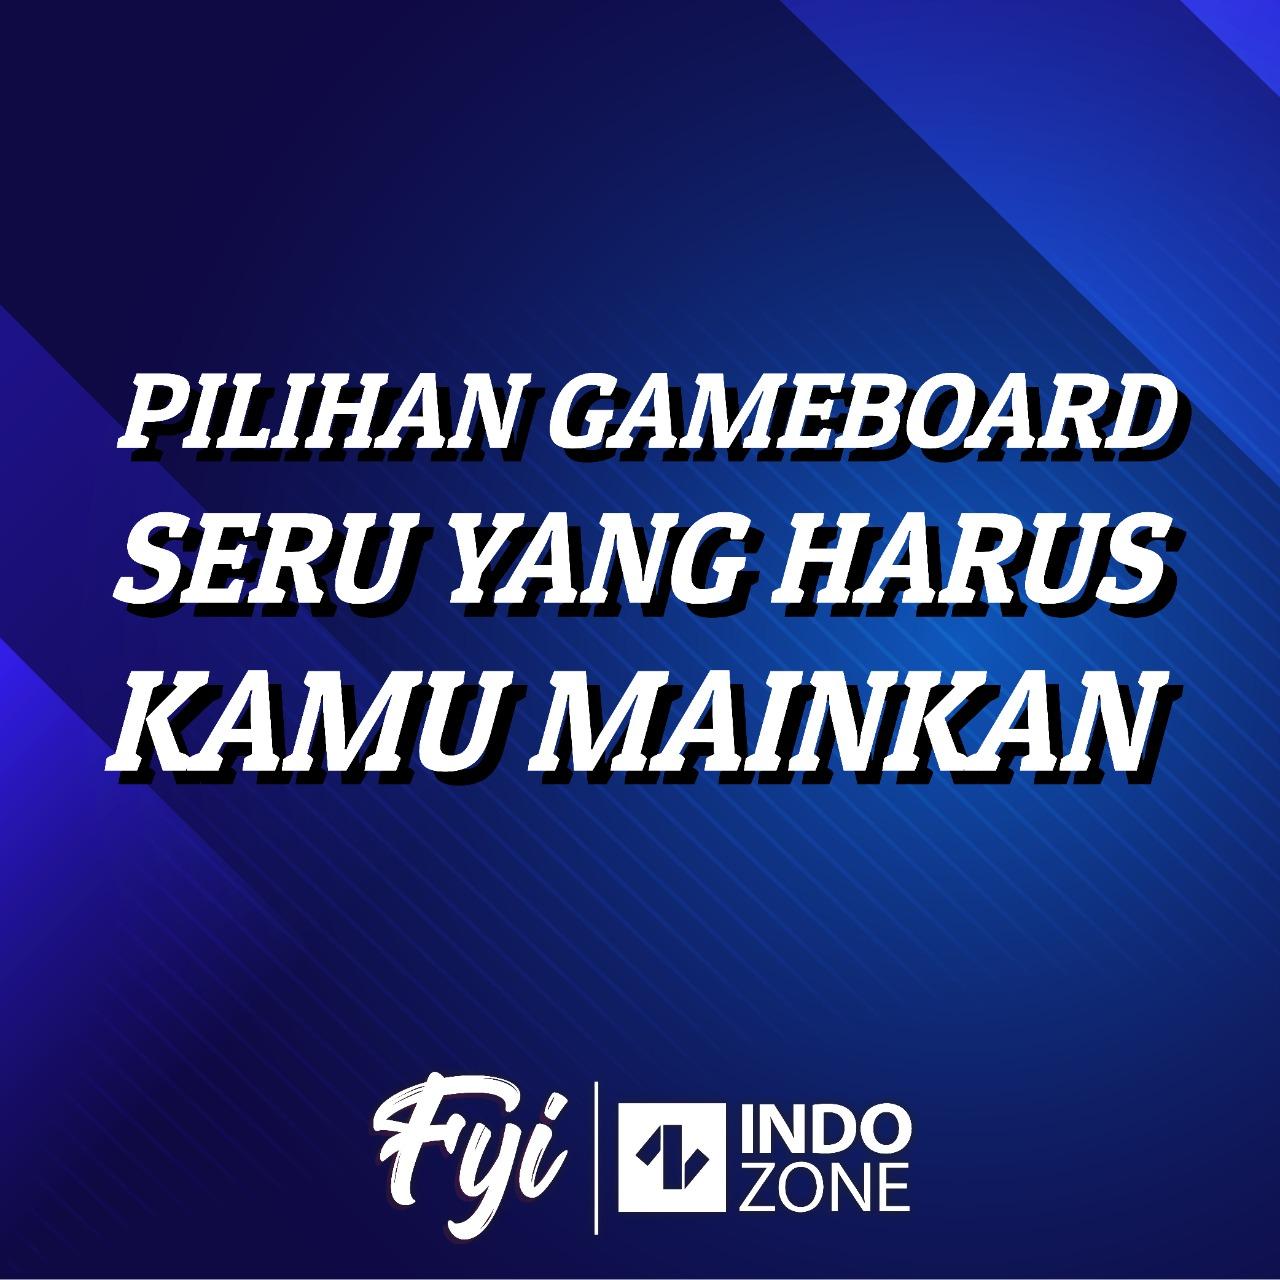 Pilihan Gameboard Seru yang Harus Kamu Mainkan